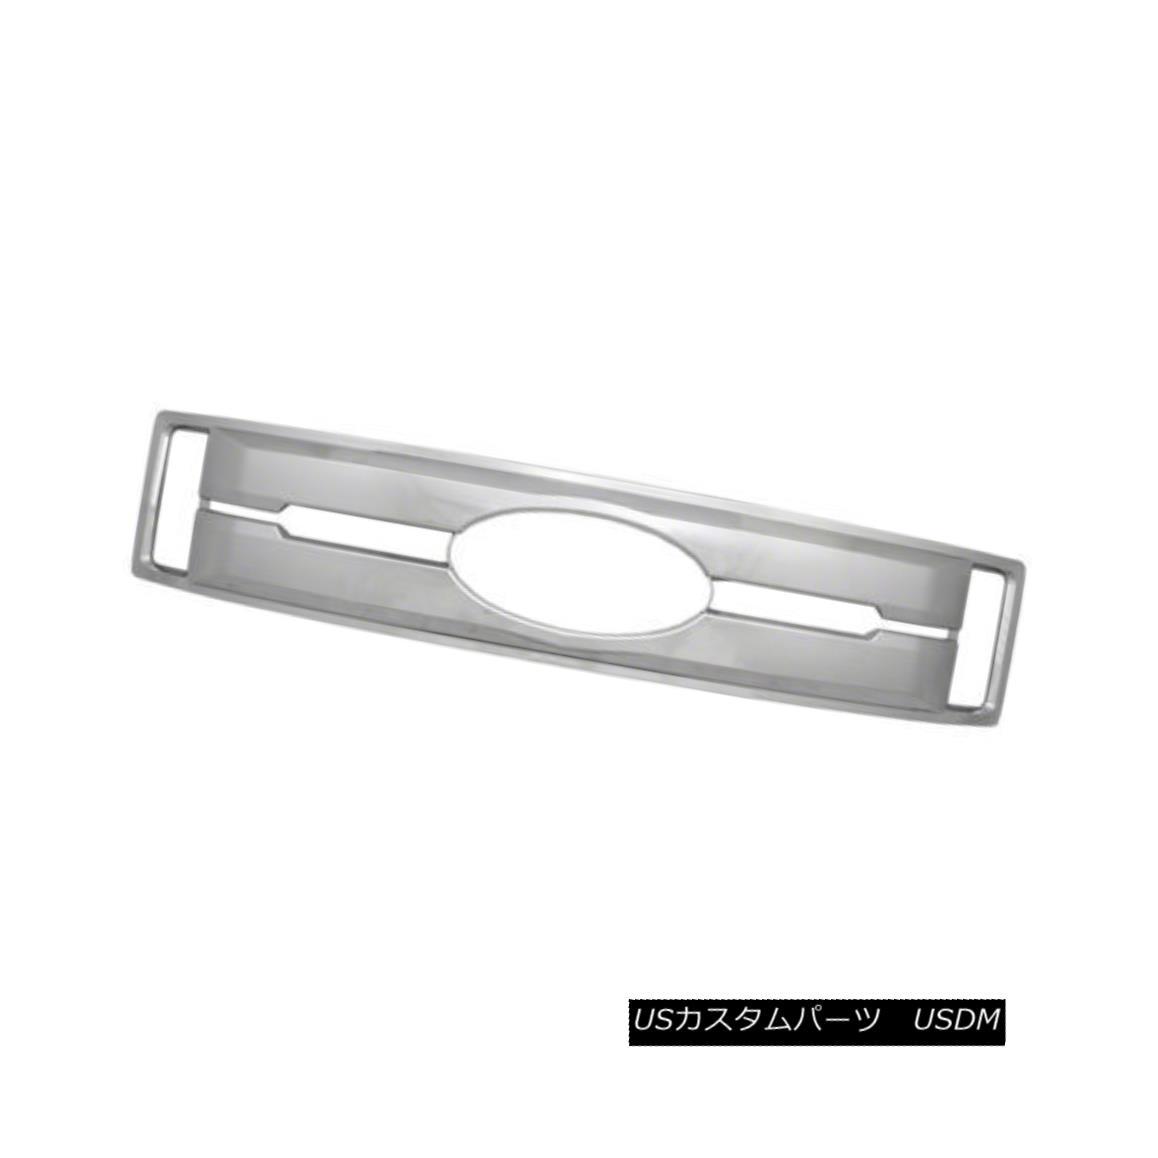 グリル Grille Overlay/Insert for 17-18 Ford XL-Finish Chrome, 1 Piece 17-18フォードXLフィニッシュクローム、1ピース用グリルオーバーレイ/インサート